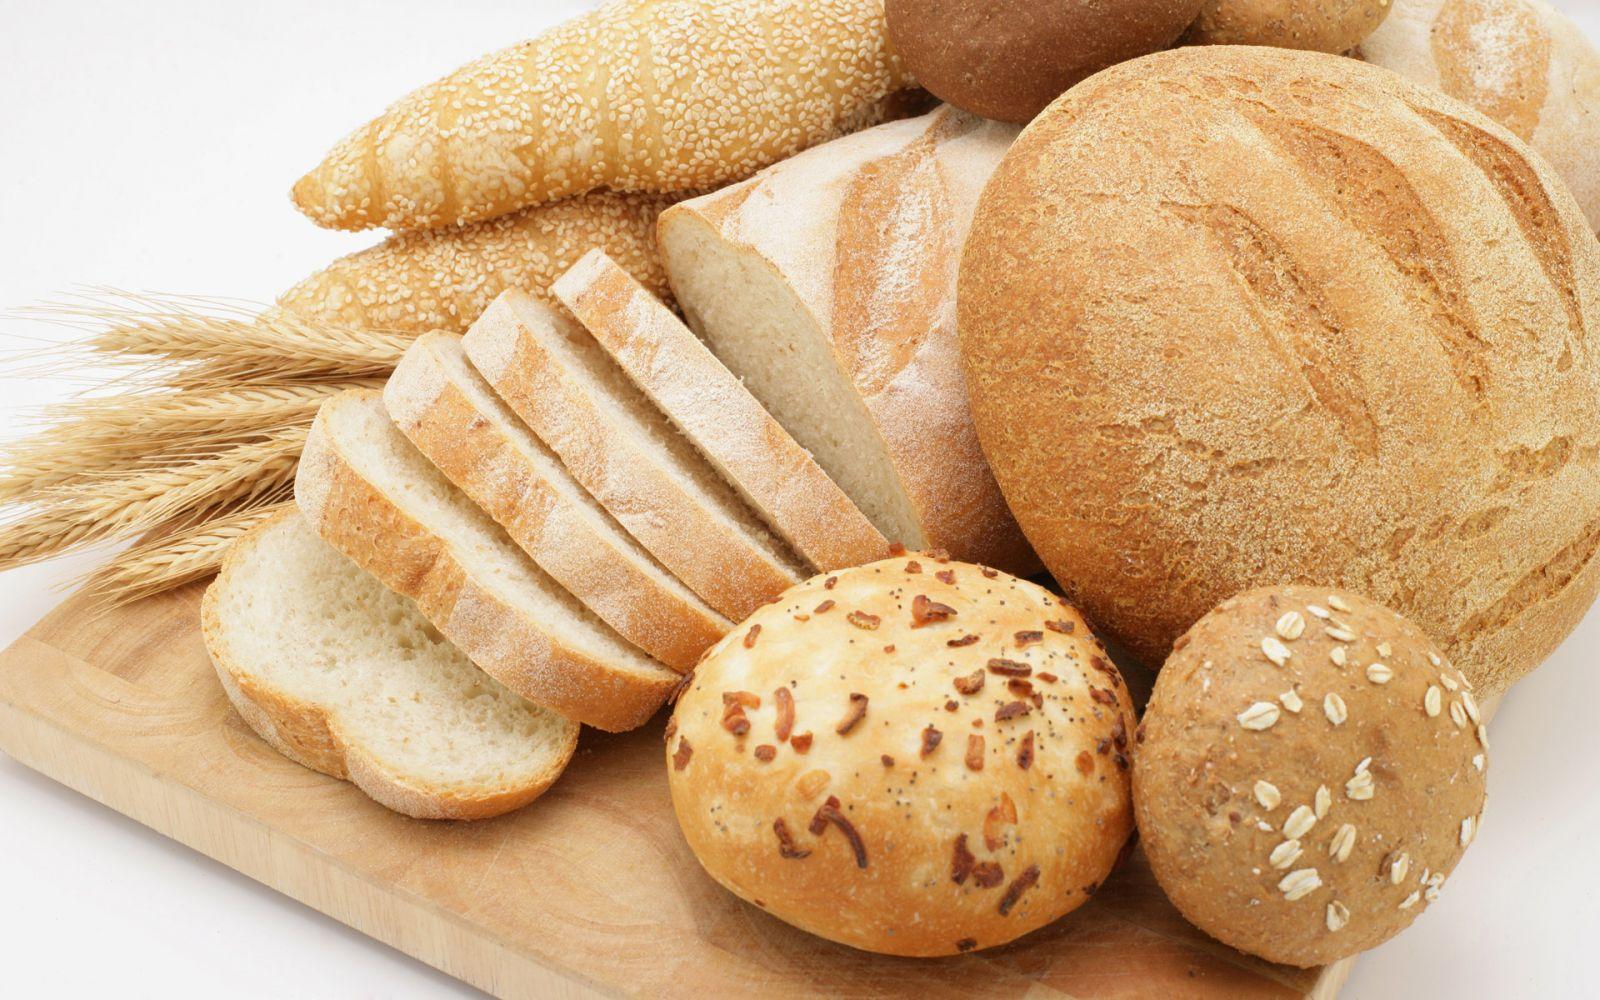 Цены на хлеб продолжают расти в Харькове